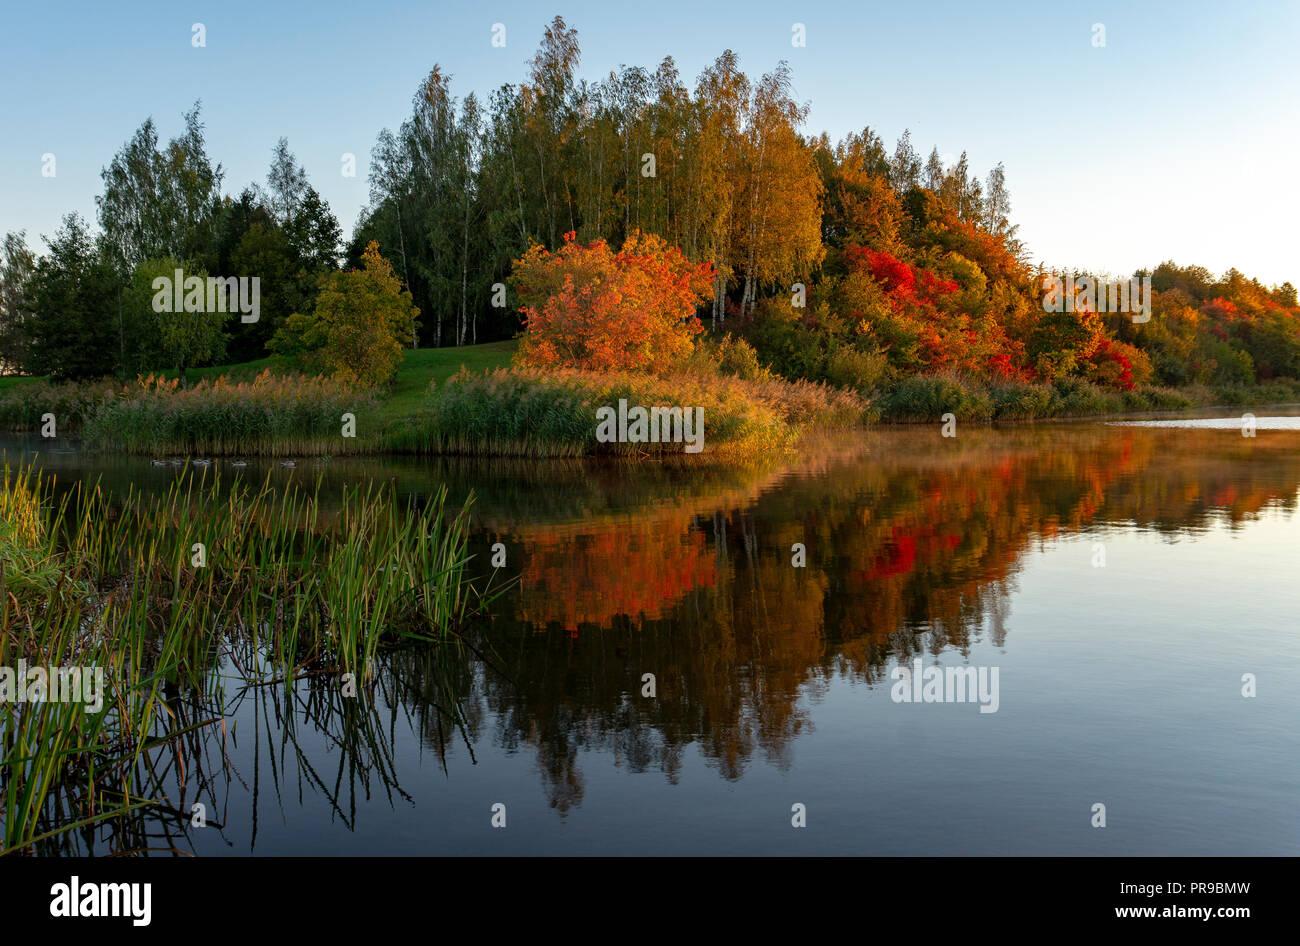 Fall season start idyllic lake reflections of fall foliage. Colorful autumn foliage casts its reflection on the calm waters - Stock Image